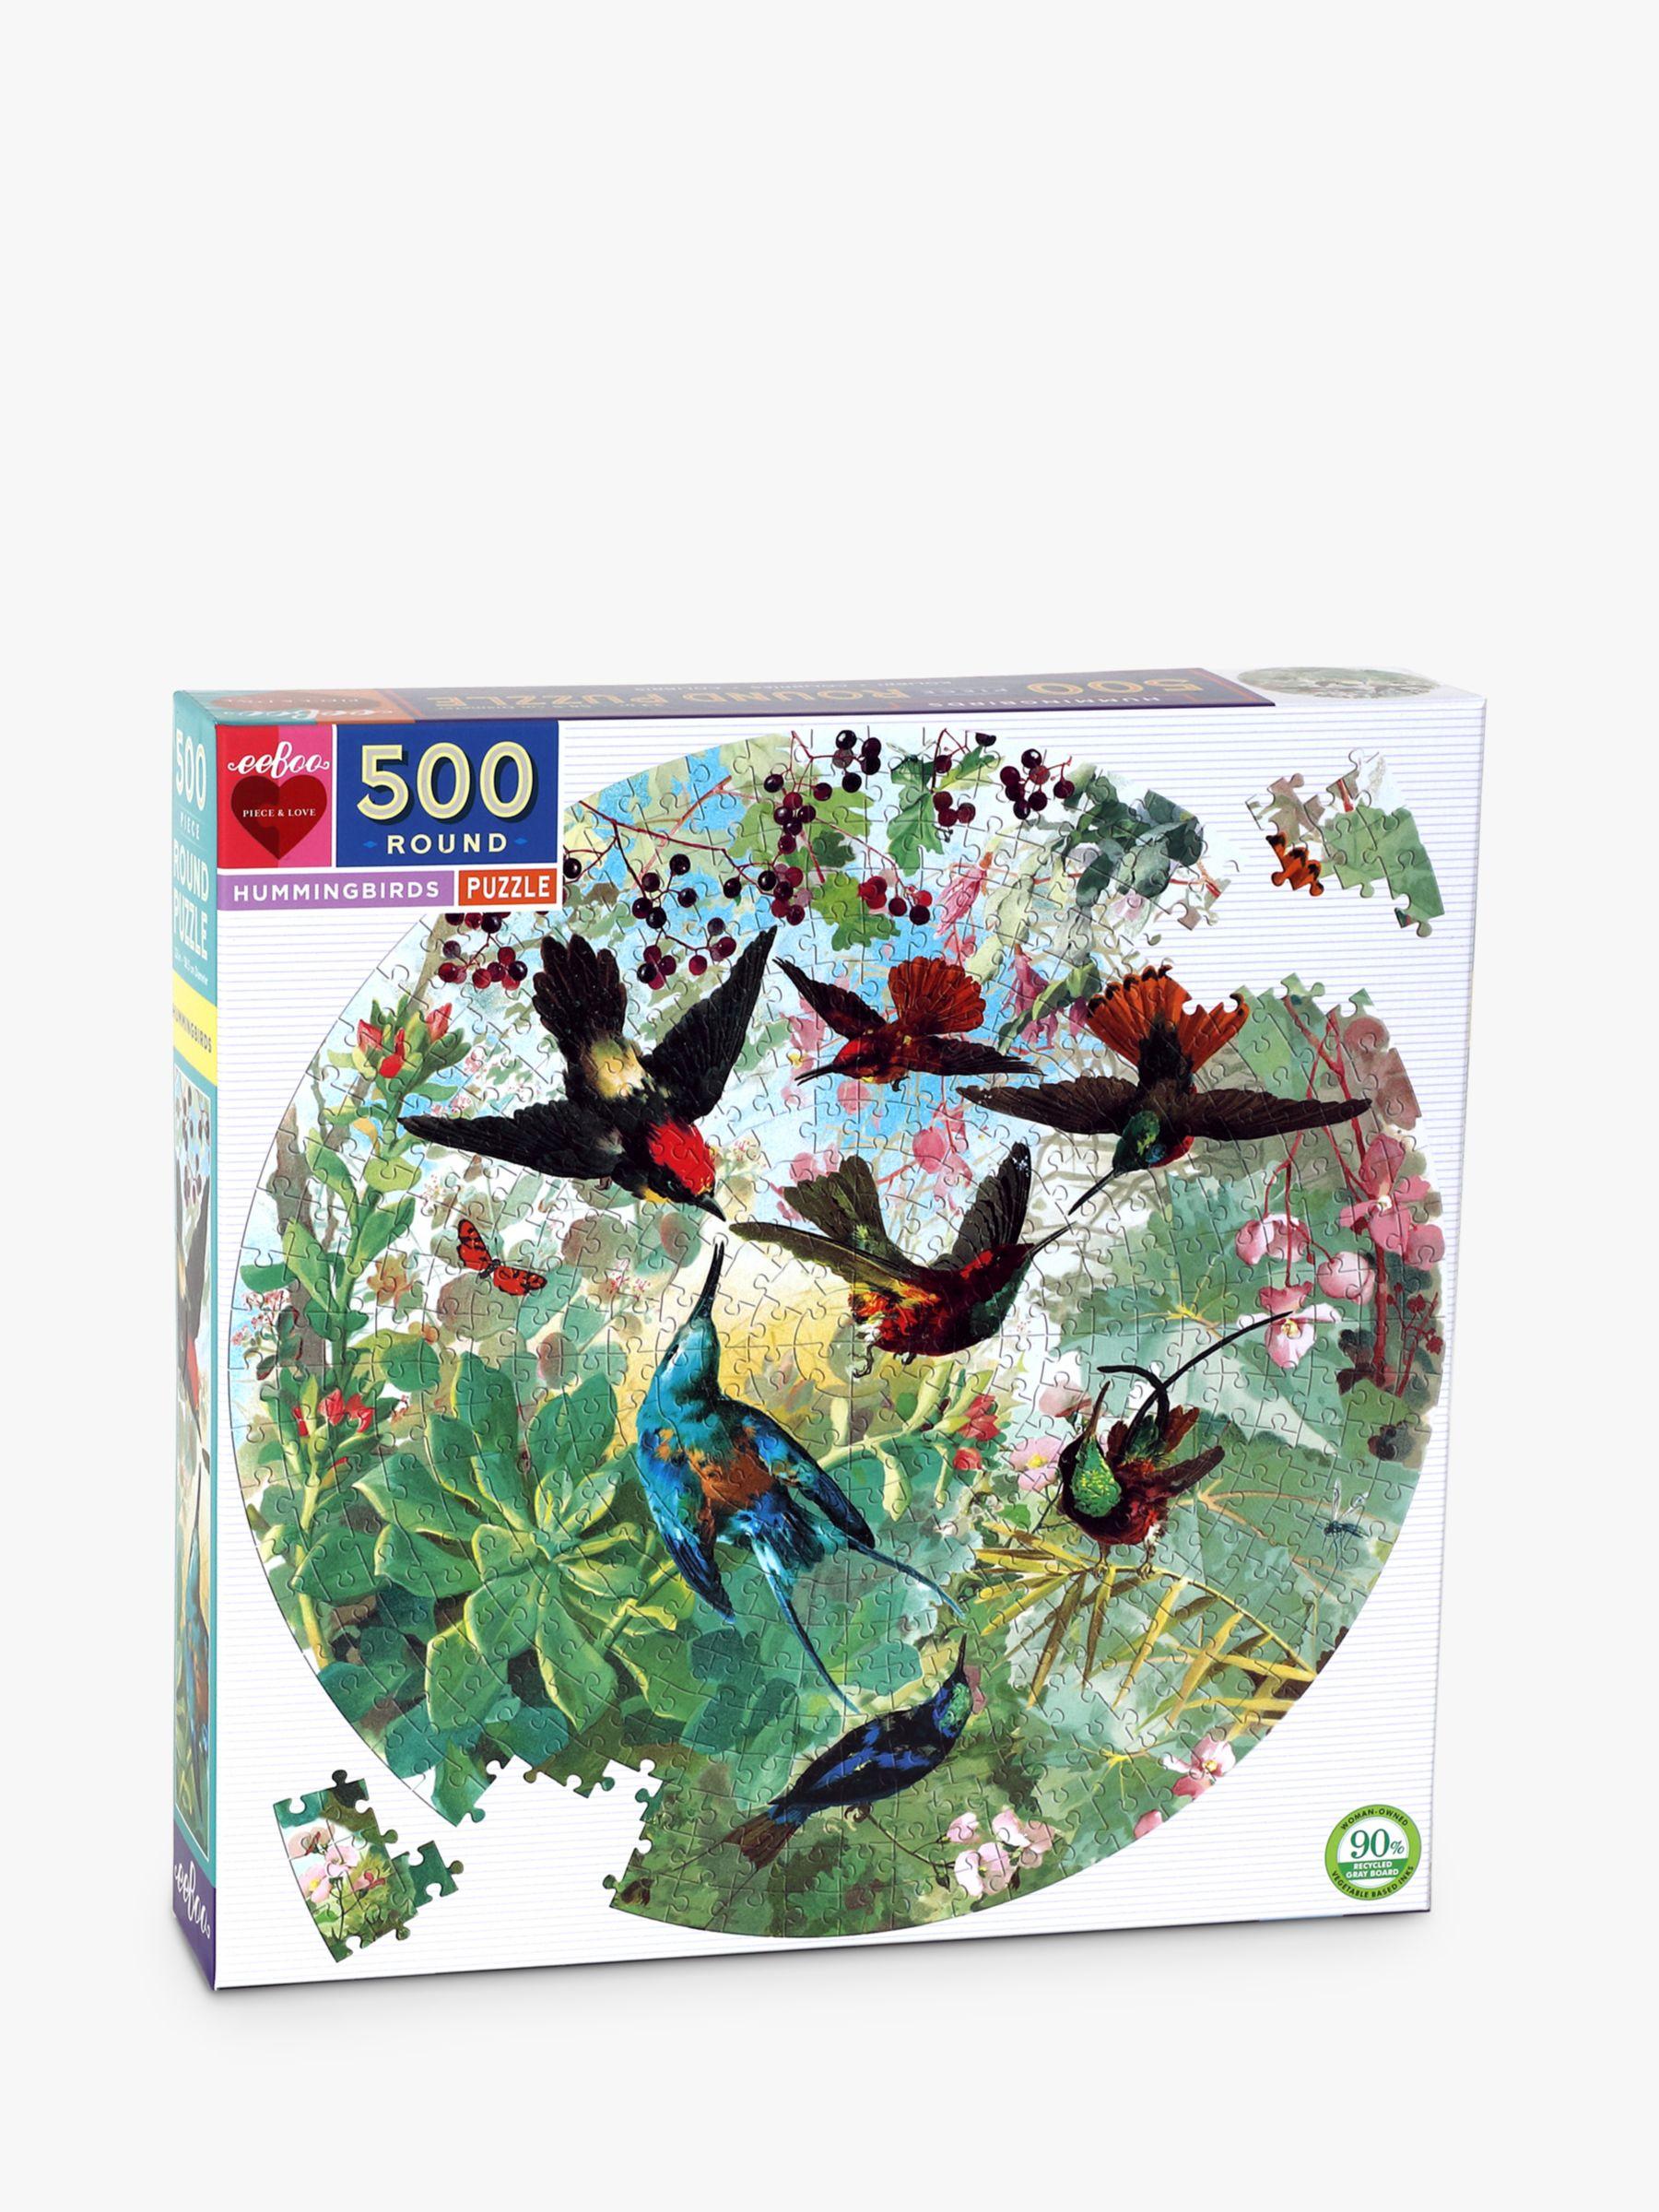 Eeboo eeBoo Hummingbirds Jigsaw Puzzle, 500 Pieces